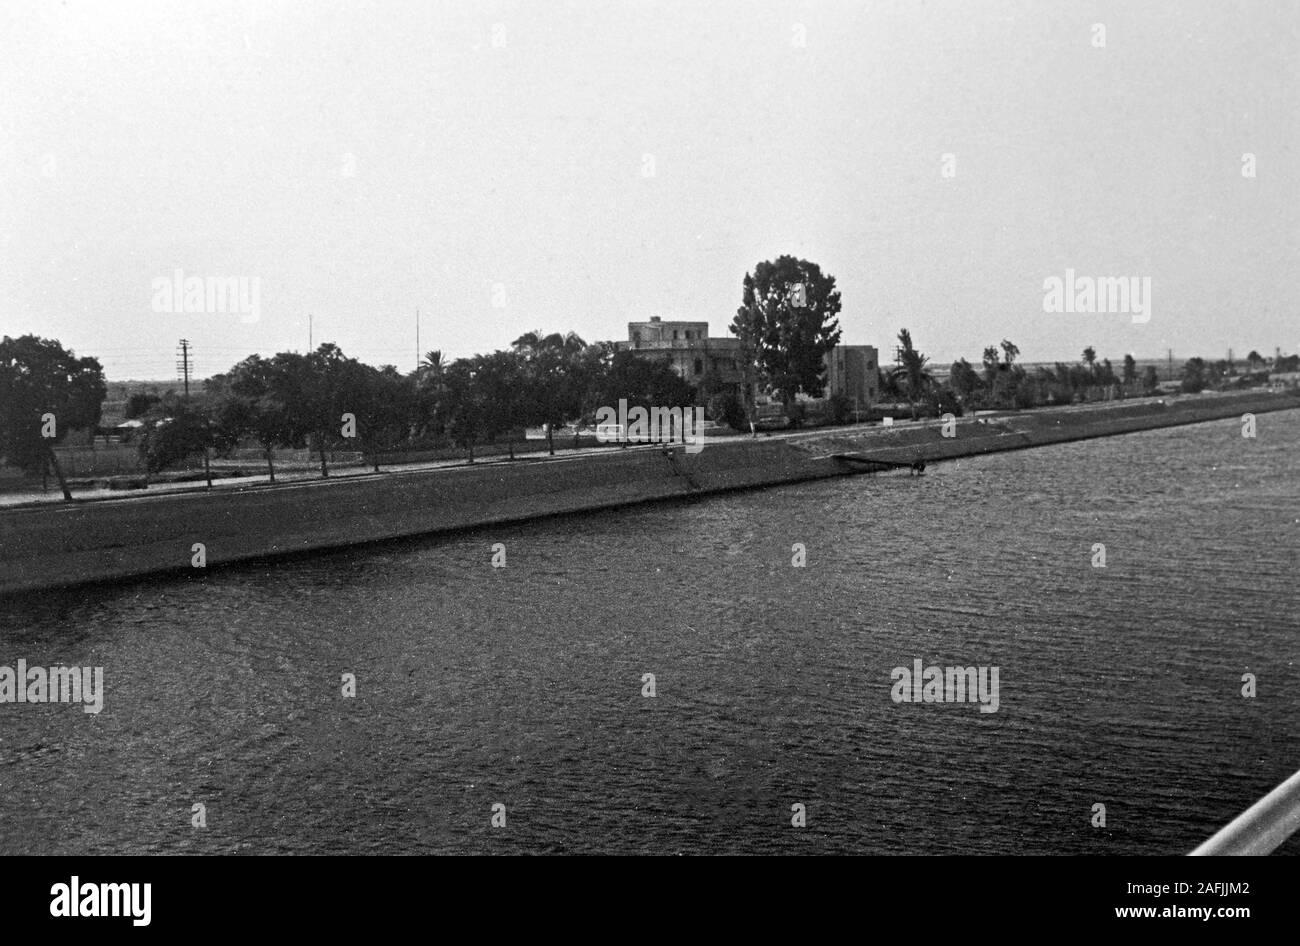 Signalstation im Suez Kanal, 1955. Signalling station at Suez Canal, 1955. Stock Photo